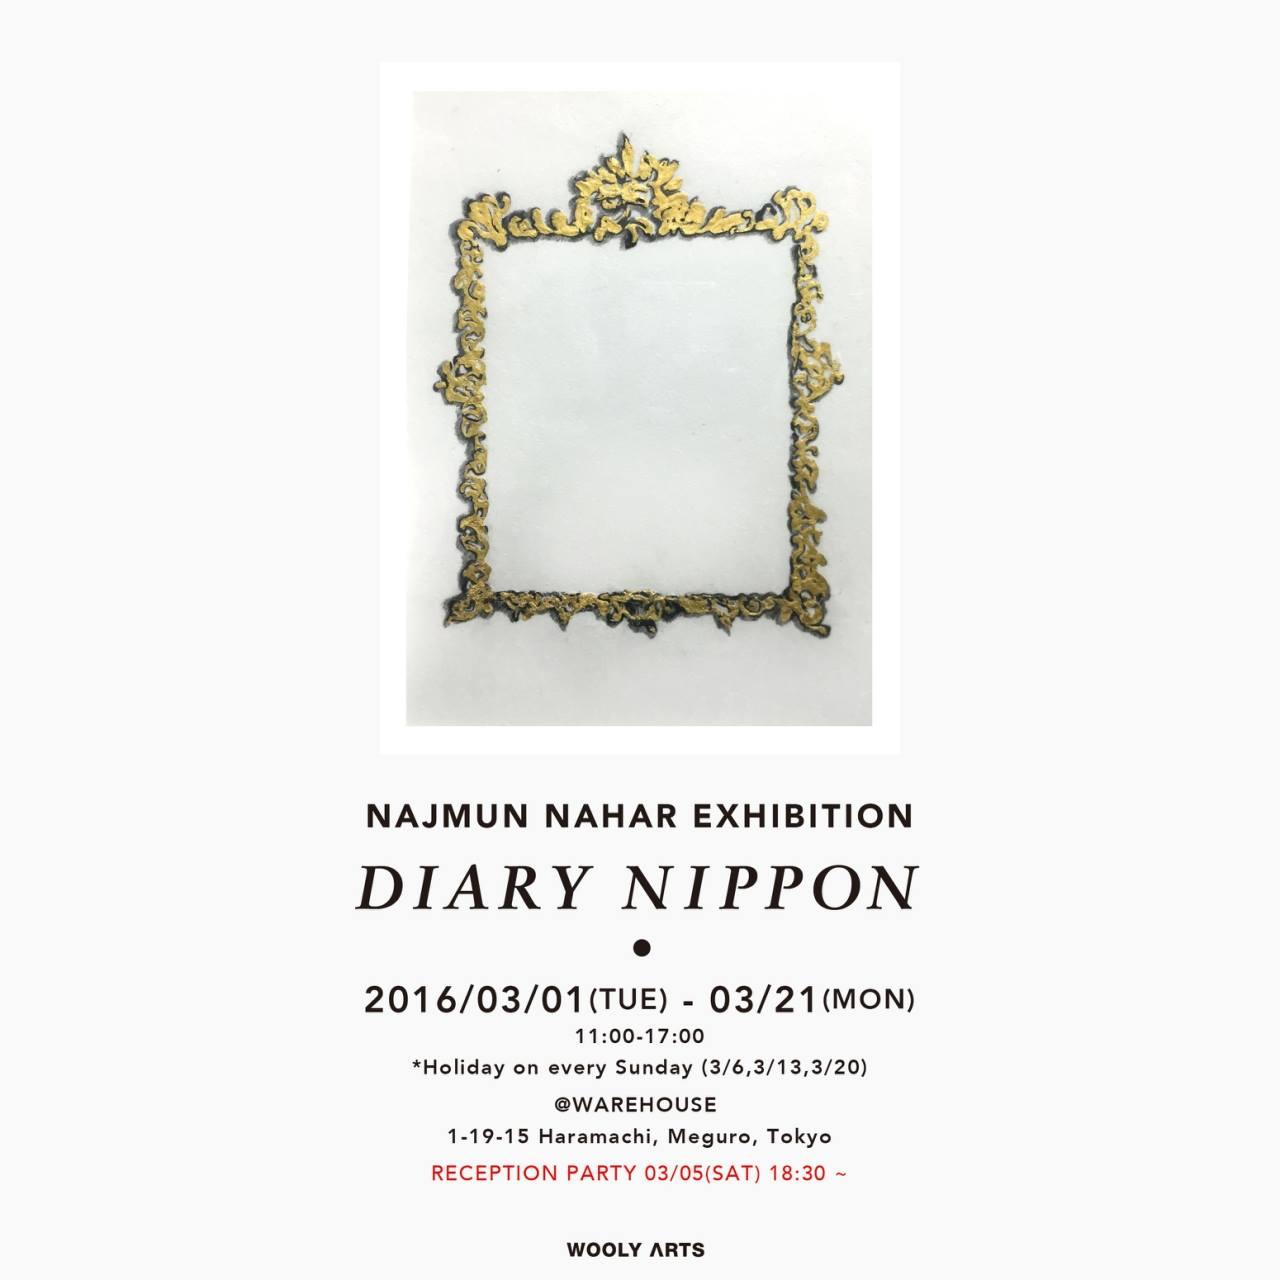 """バングラデシュ×東京 """"DIALYNIPPON"""" by NAJMUN NAHAR 【今週のおすすめア"""